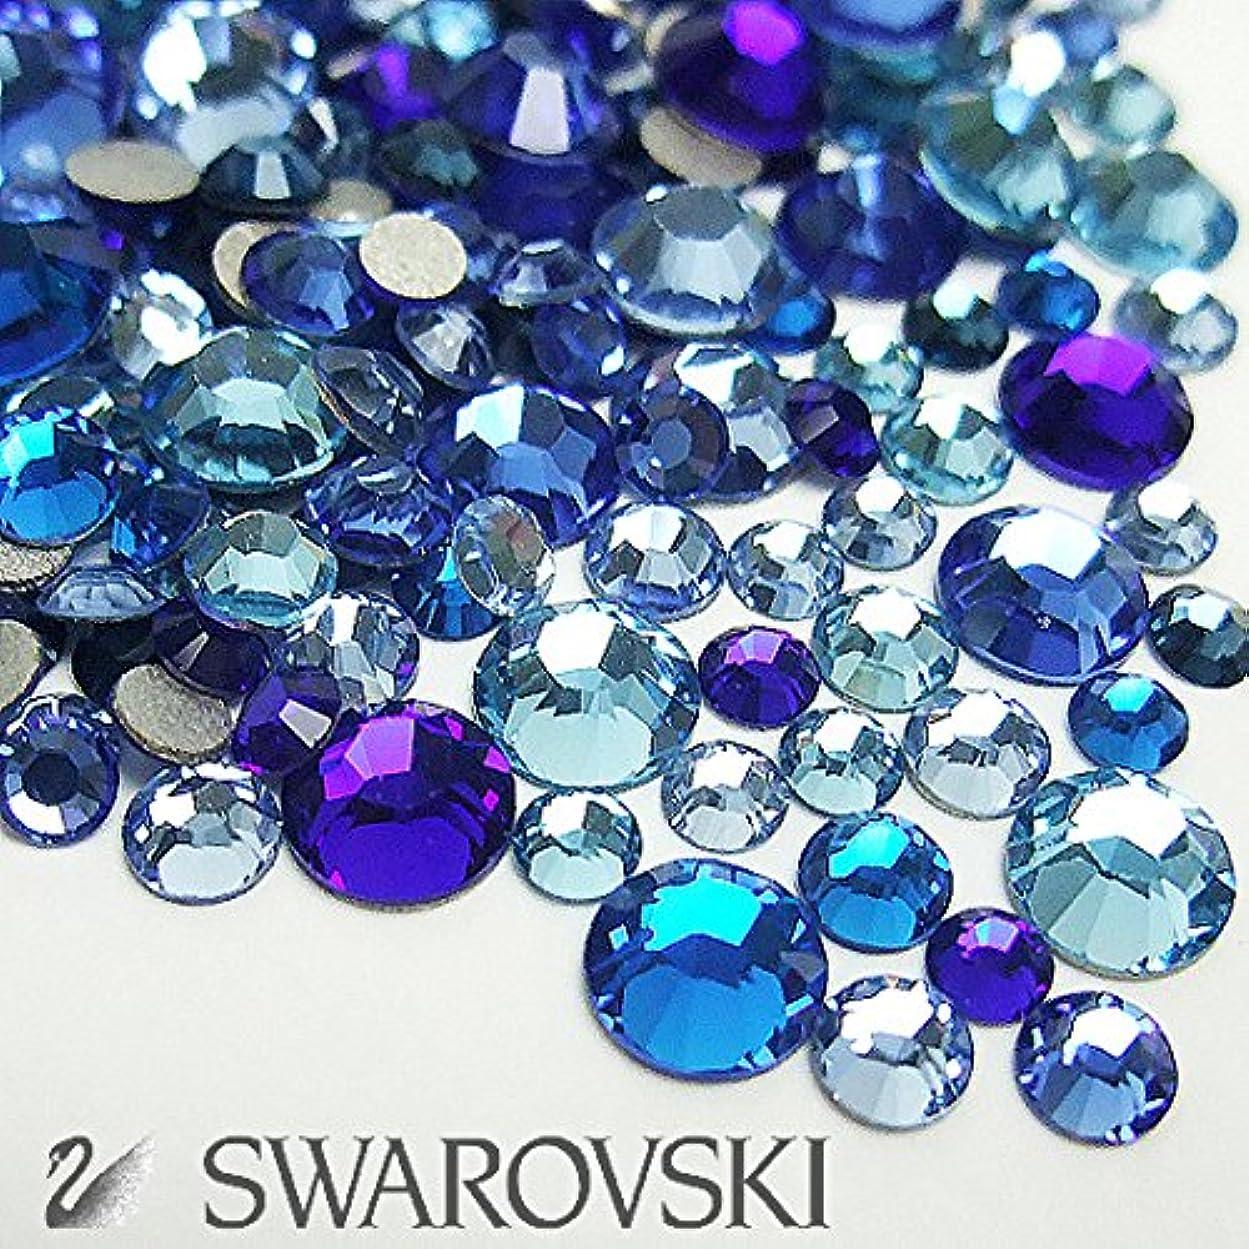 肥料ペア伝染性のスワロフスキー(Swarovski) クリスタライズ ラインストーン お試しMIX (100粒) ブルー